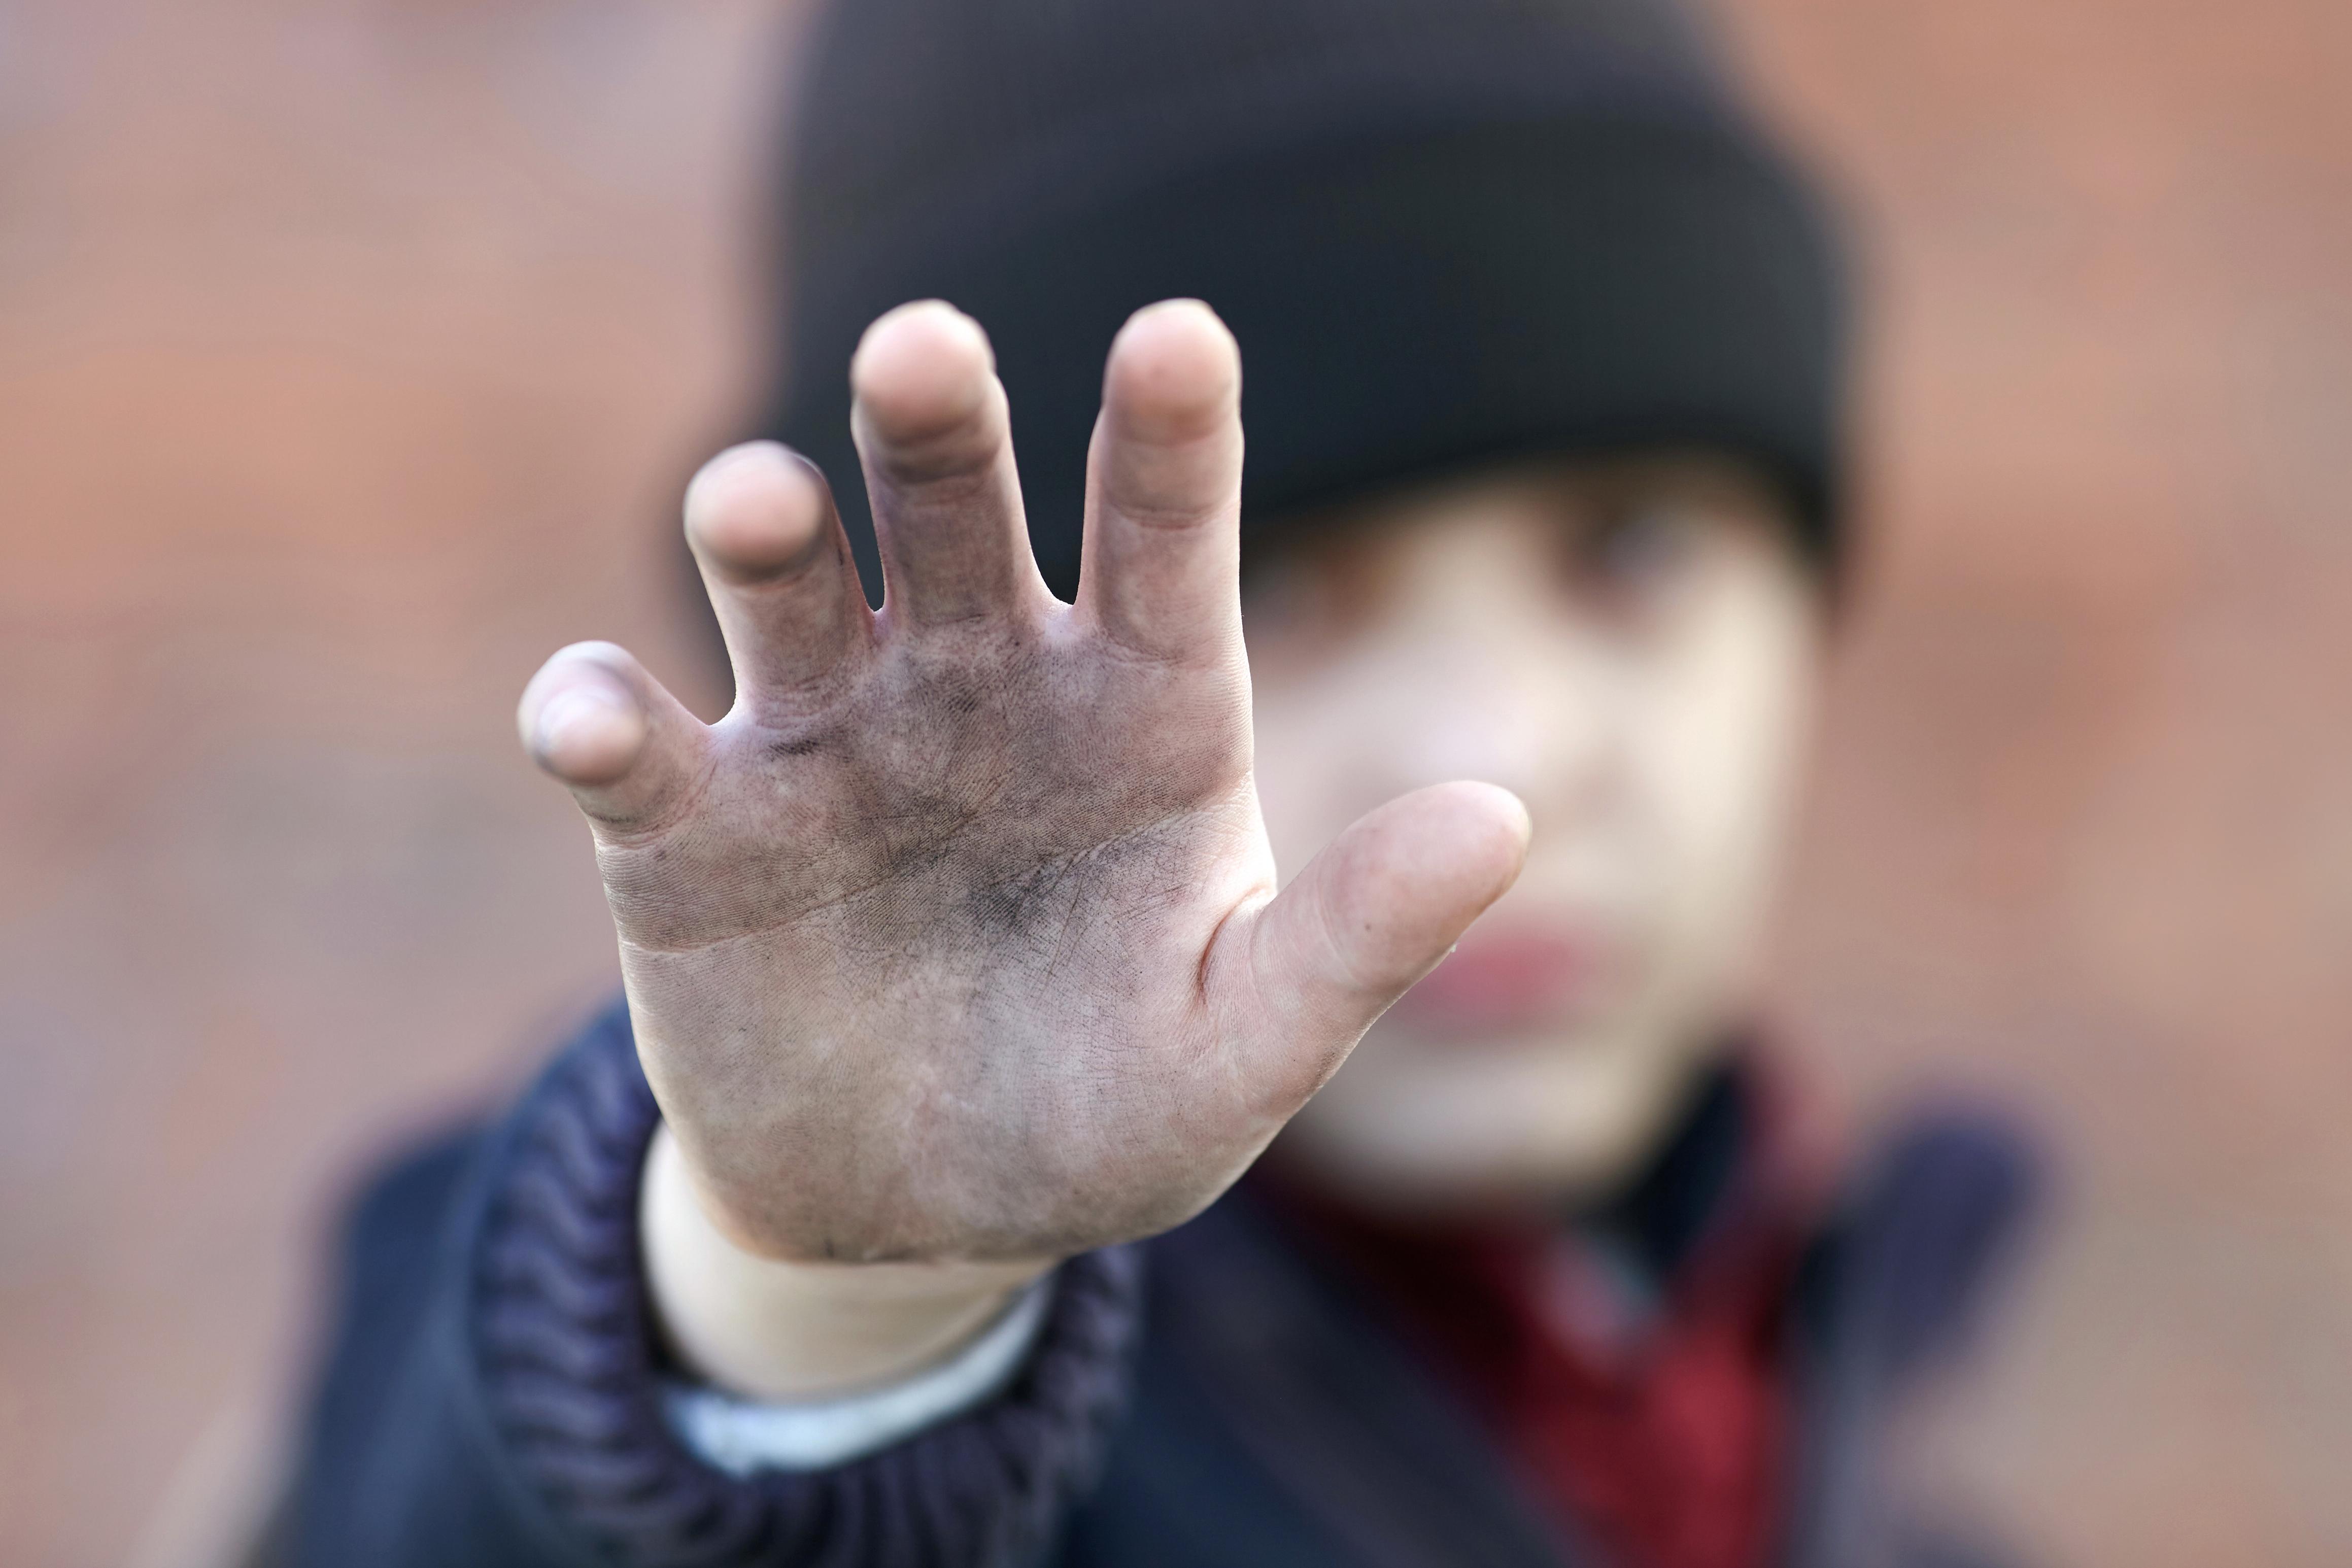 Los porqués de la exclusión social según la ...